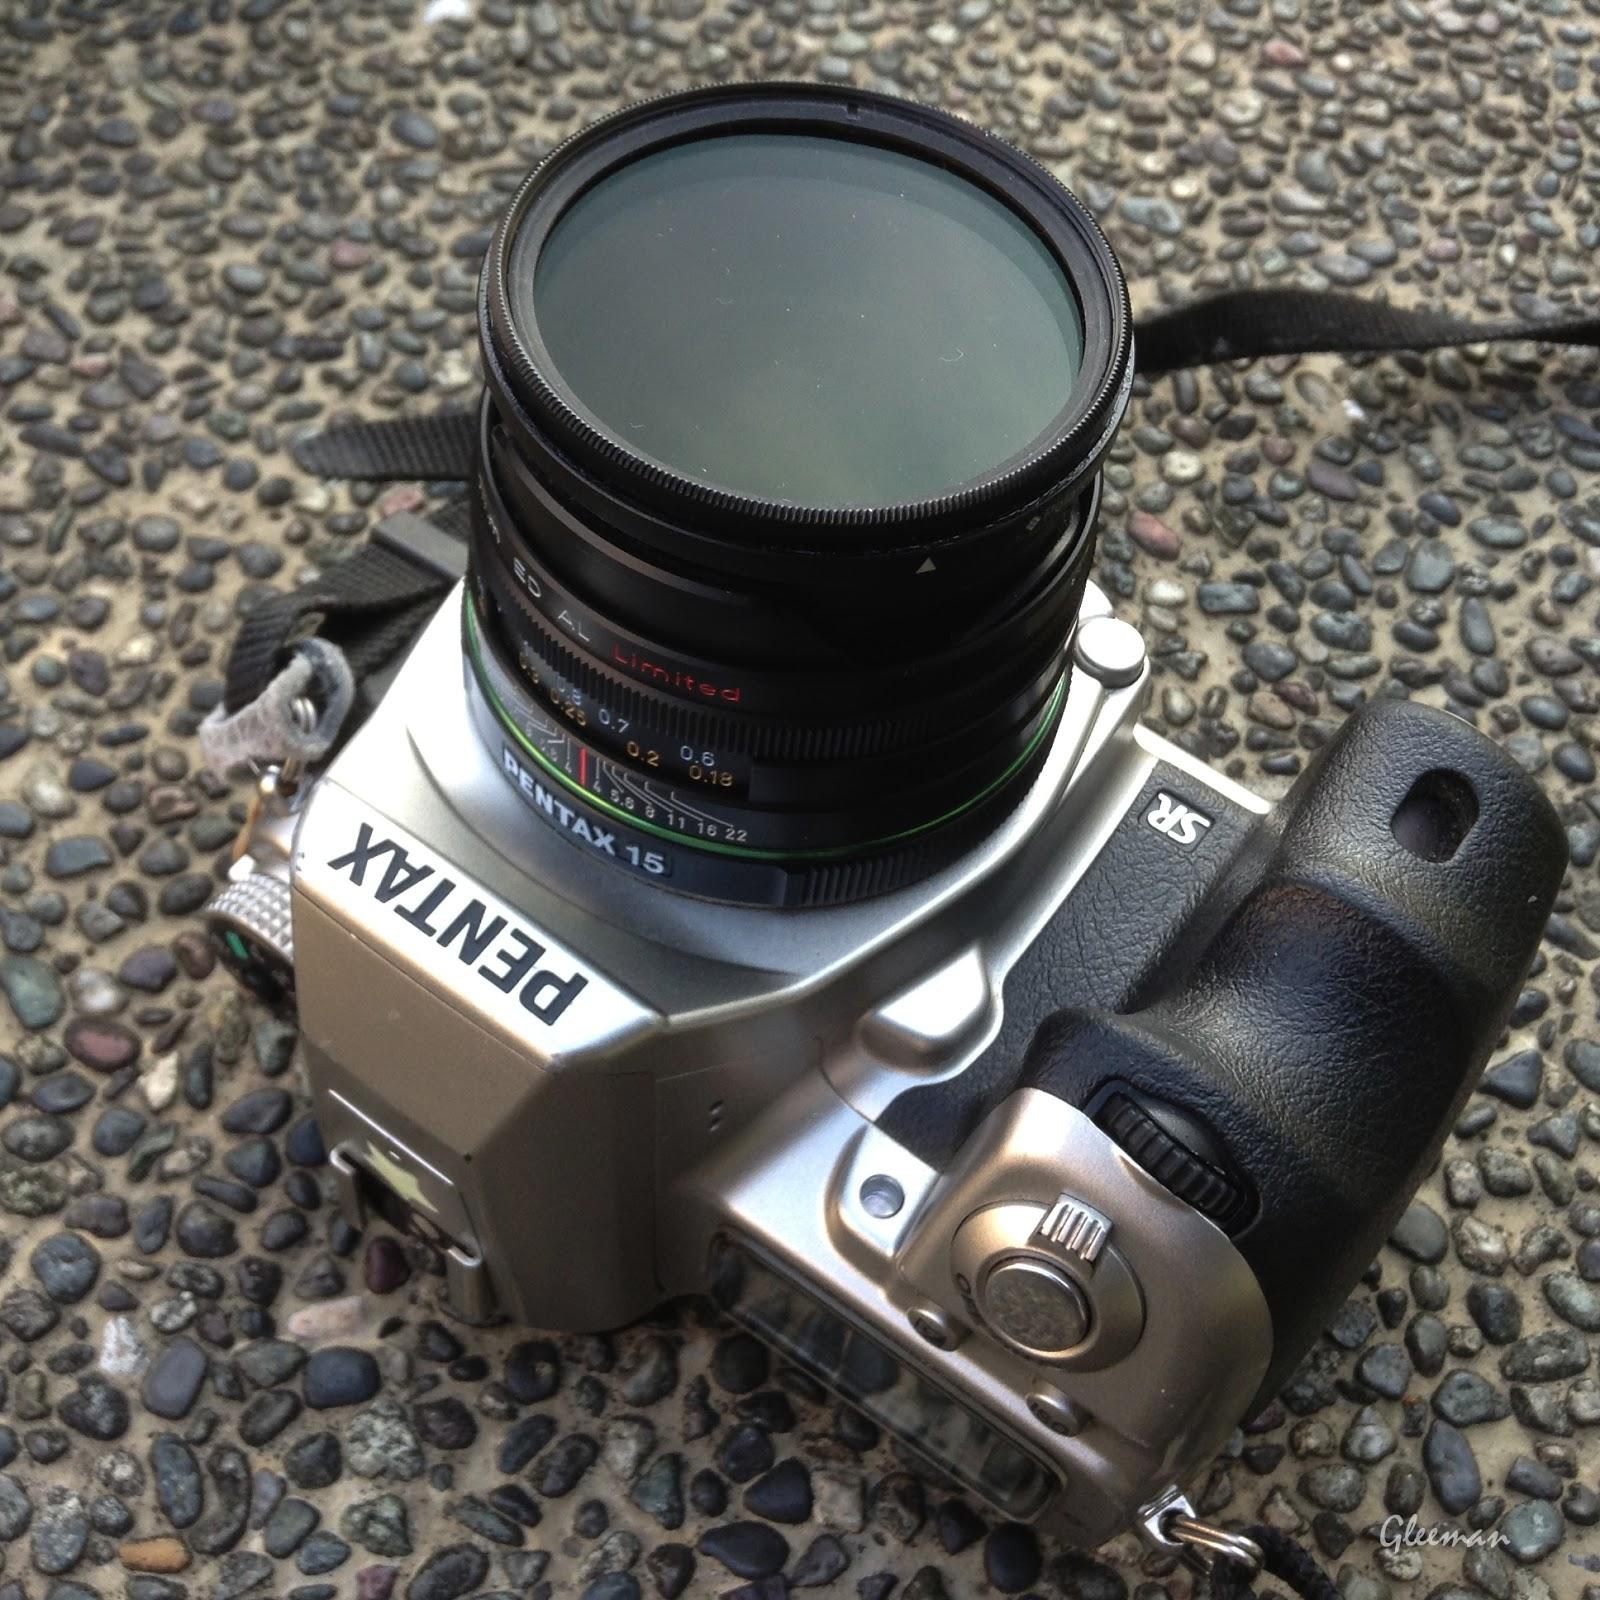 ND2-ND400